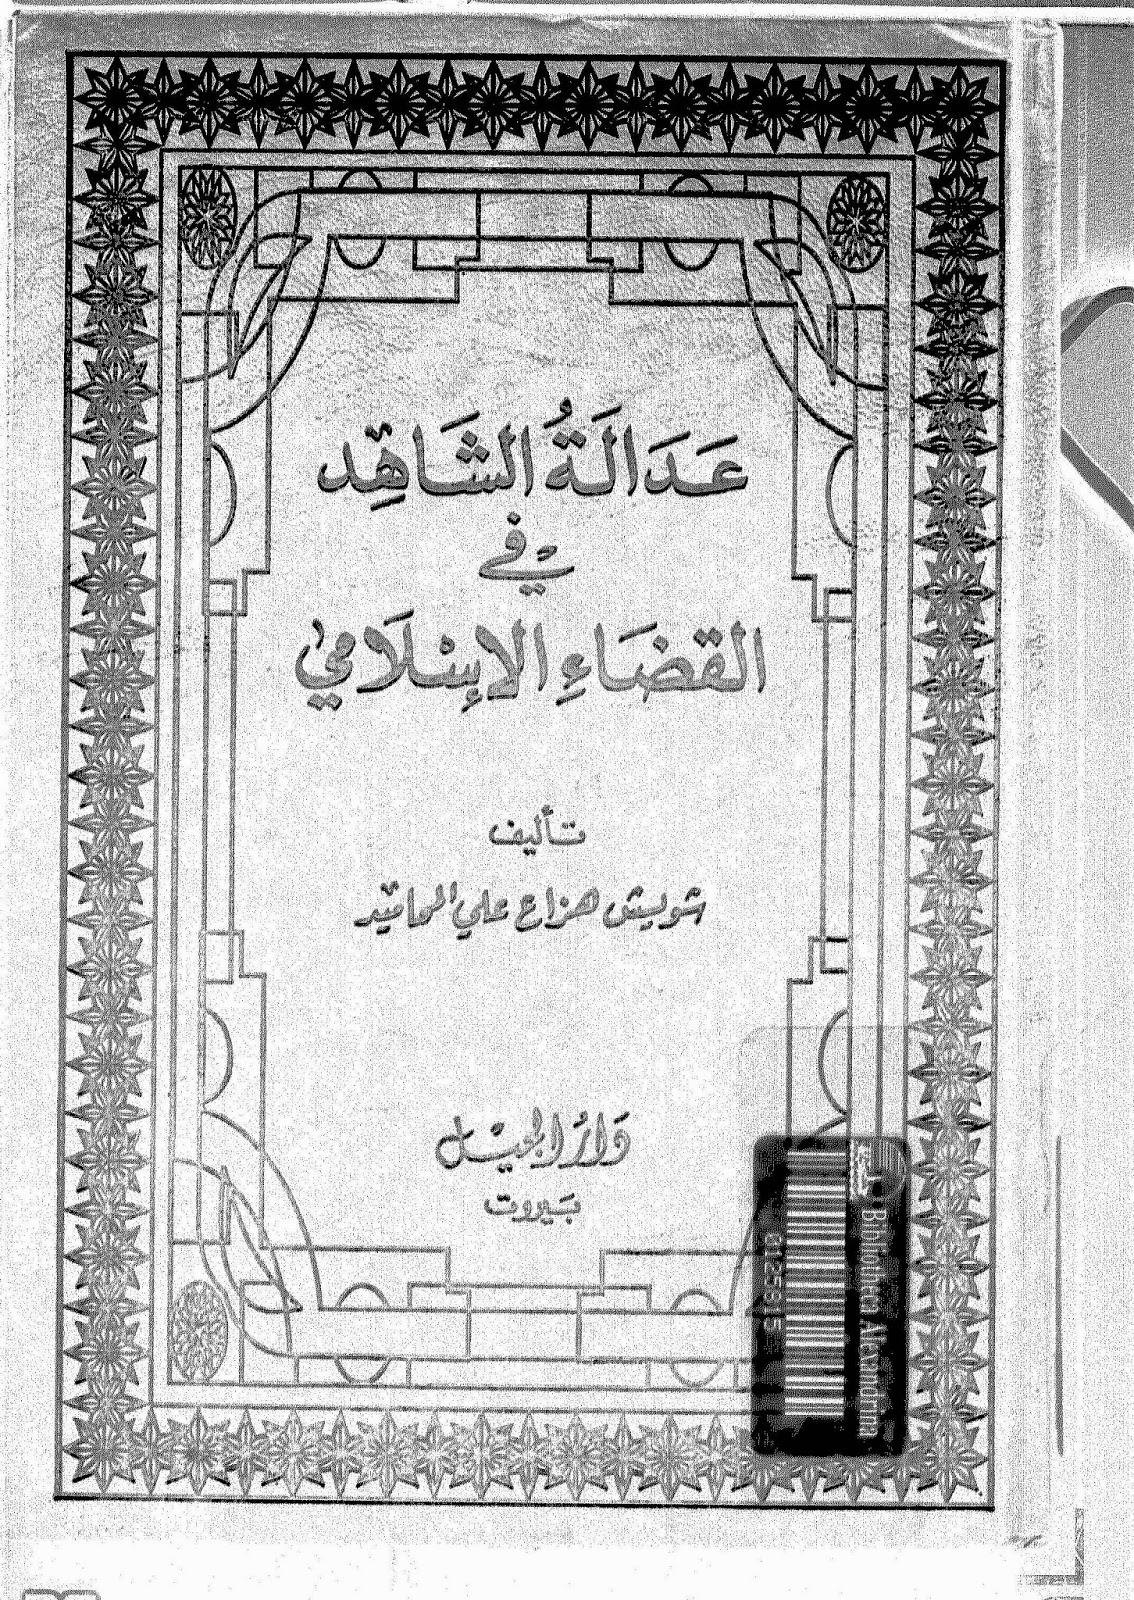 عدالة الشهاد في القضاء الإسلامي - شويش هزاع علي المحاميد